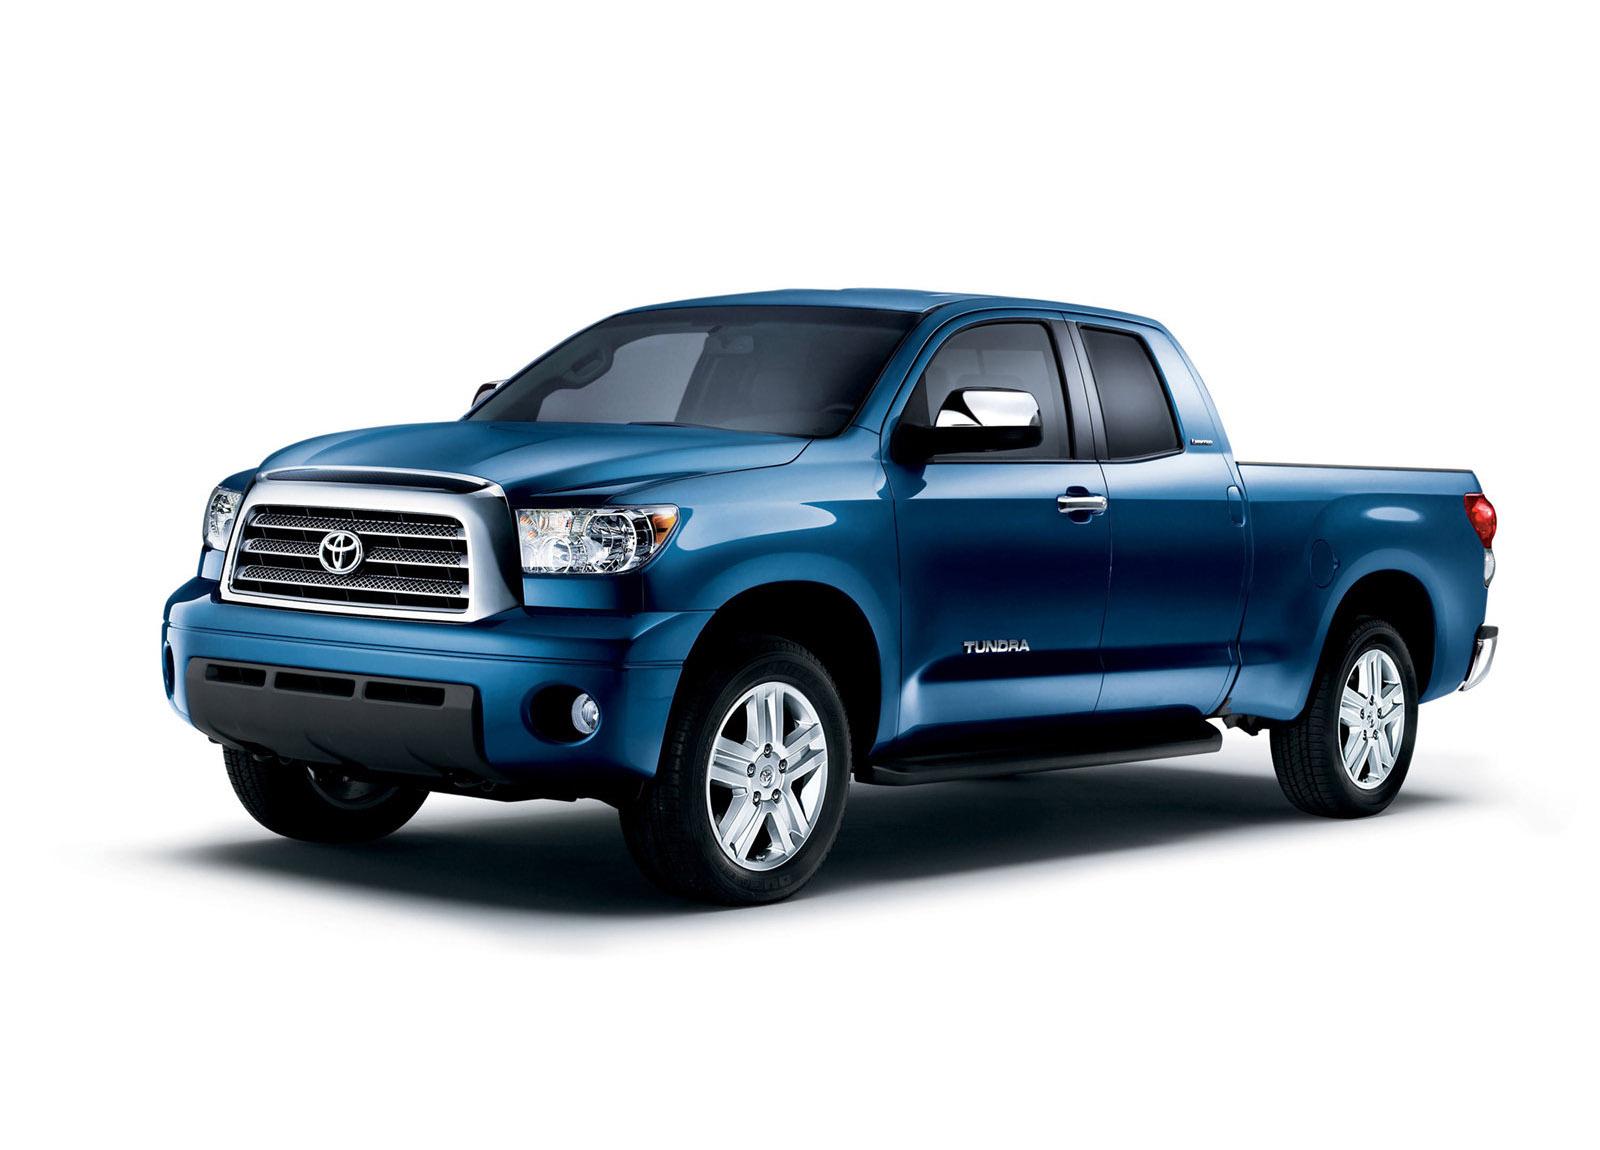 Toyota Tundra photo #2